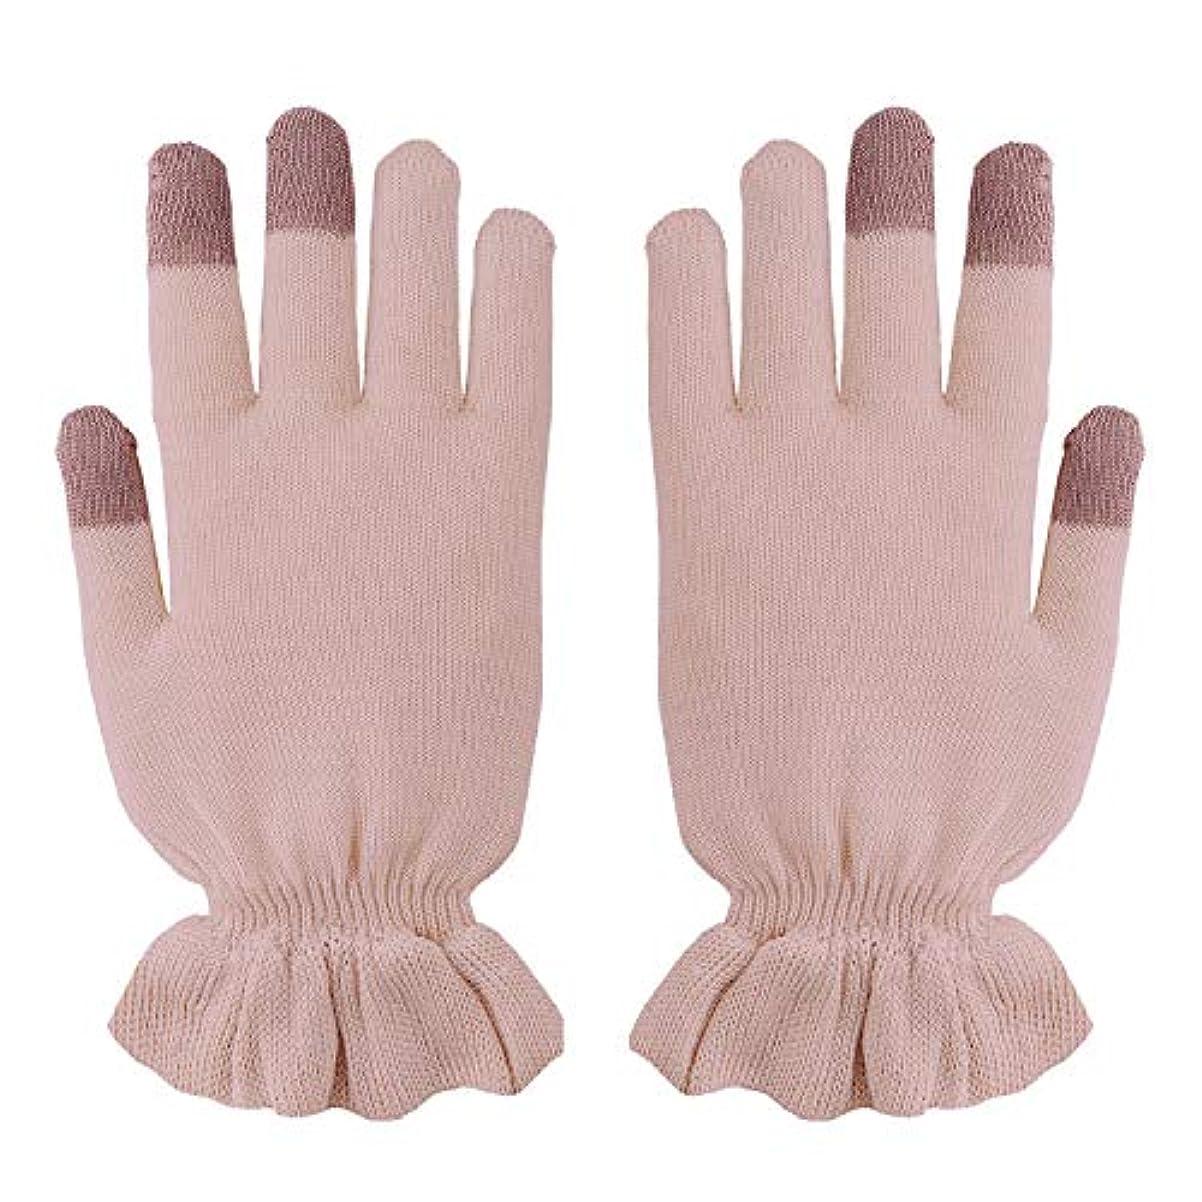 サミュエルニックネーム反乱おやすみシルク 手袋 絹(シルク)のおもてなし 手荒れ予防 保湿 (ピンク)